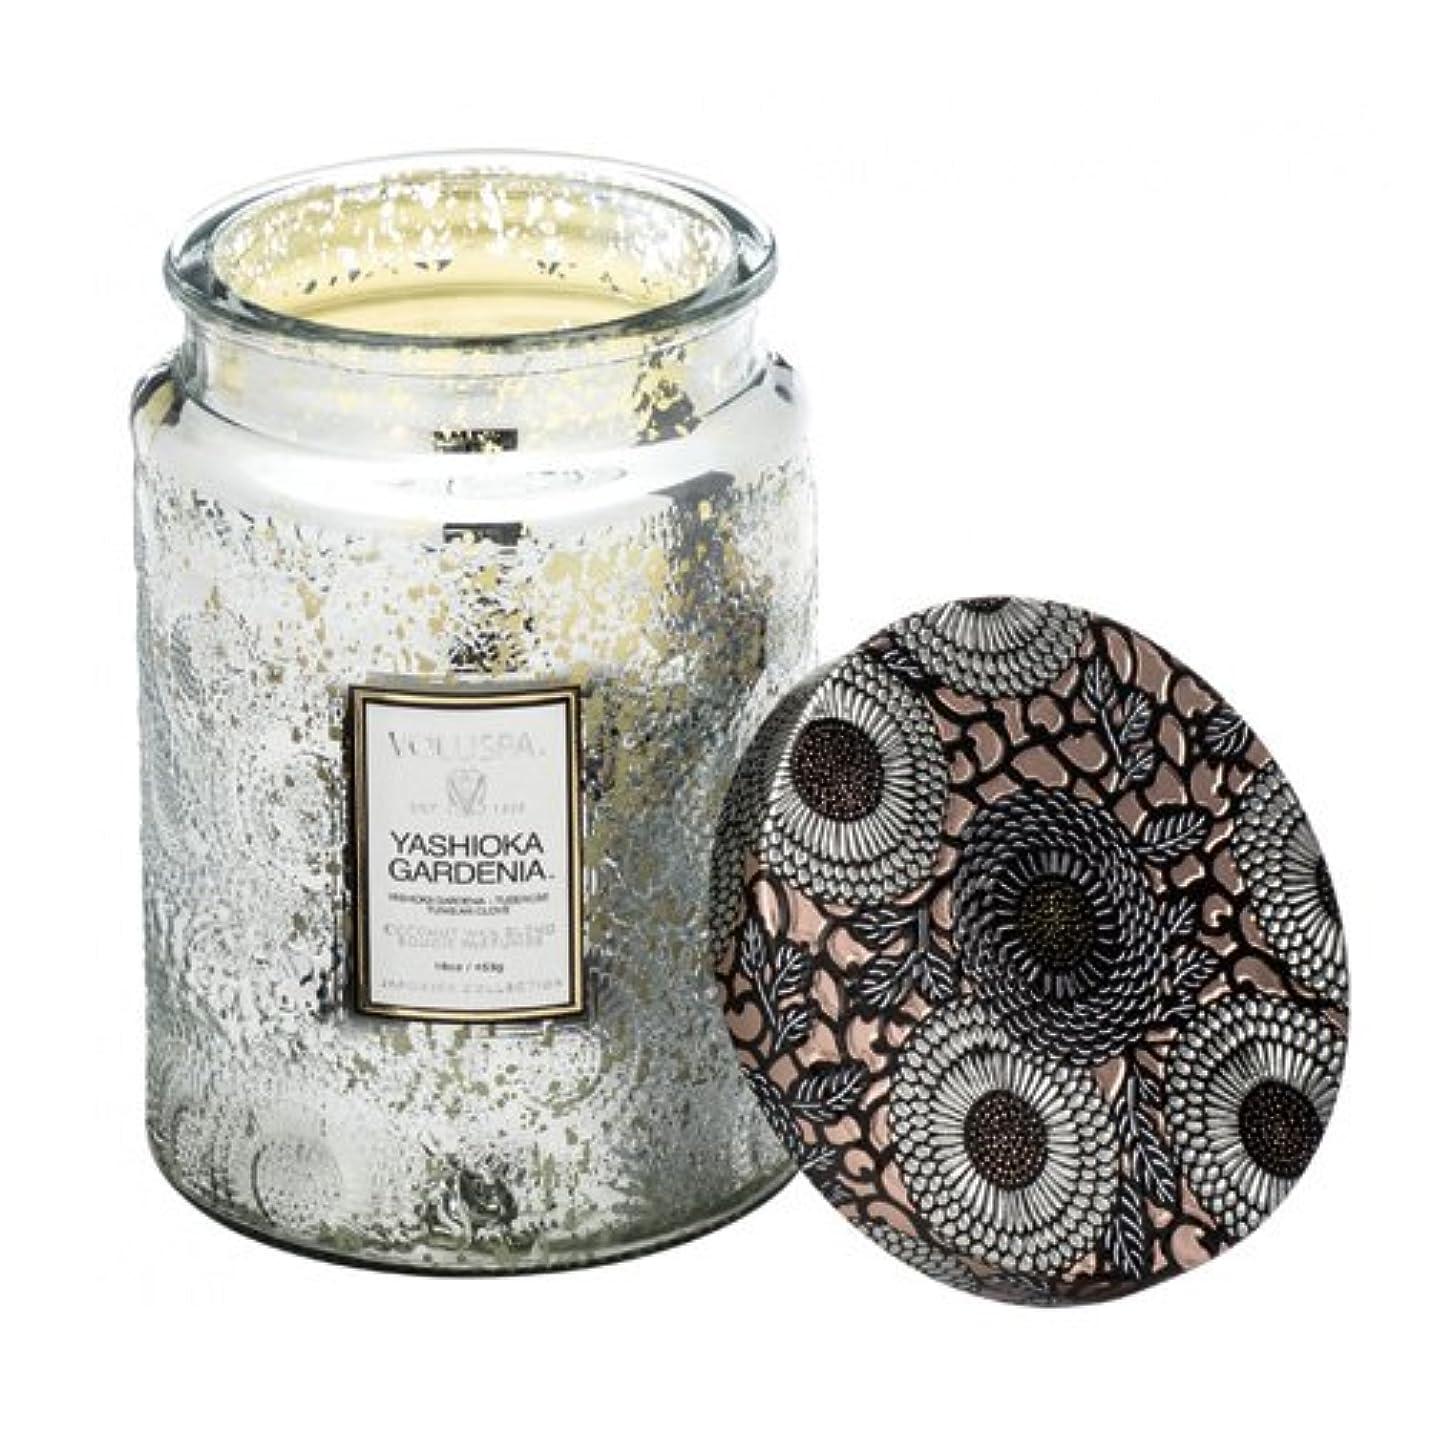 エロチック崇拝します正気Voluspa ボルスパ ジャポニカ リミテッド グラスジャーキャンドル  L ヤシオカガーデニア YASHIOKA GARDENIA JAPONICA Limited LARGE EMBOSSED Glass jar...